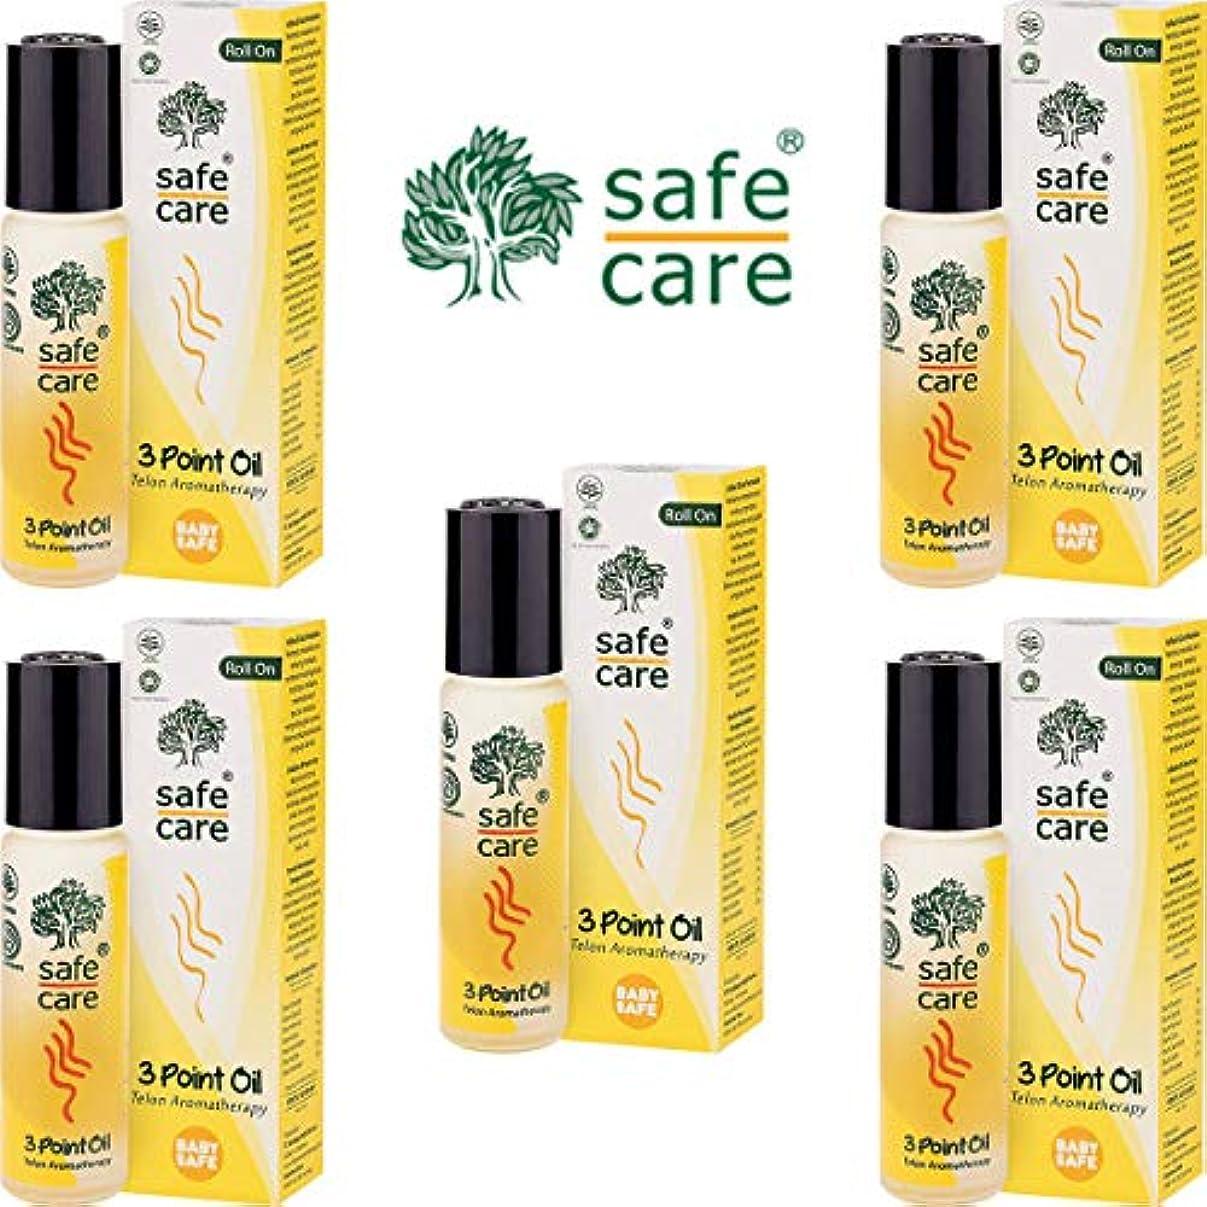 移民保持する人物Safe Care セーフケア Aromatherapy Telon 3Point Oil アロマテラピー リフレッシュオイル テロン3ポイントオイル ロールオン 10ml×5本セット [海外直送品]